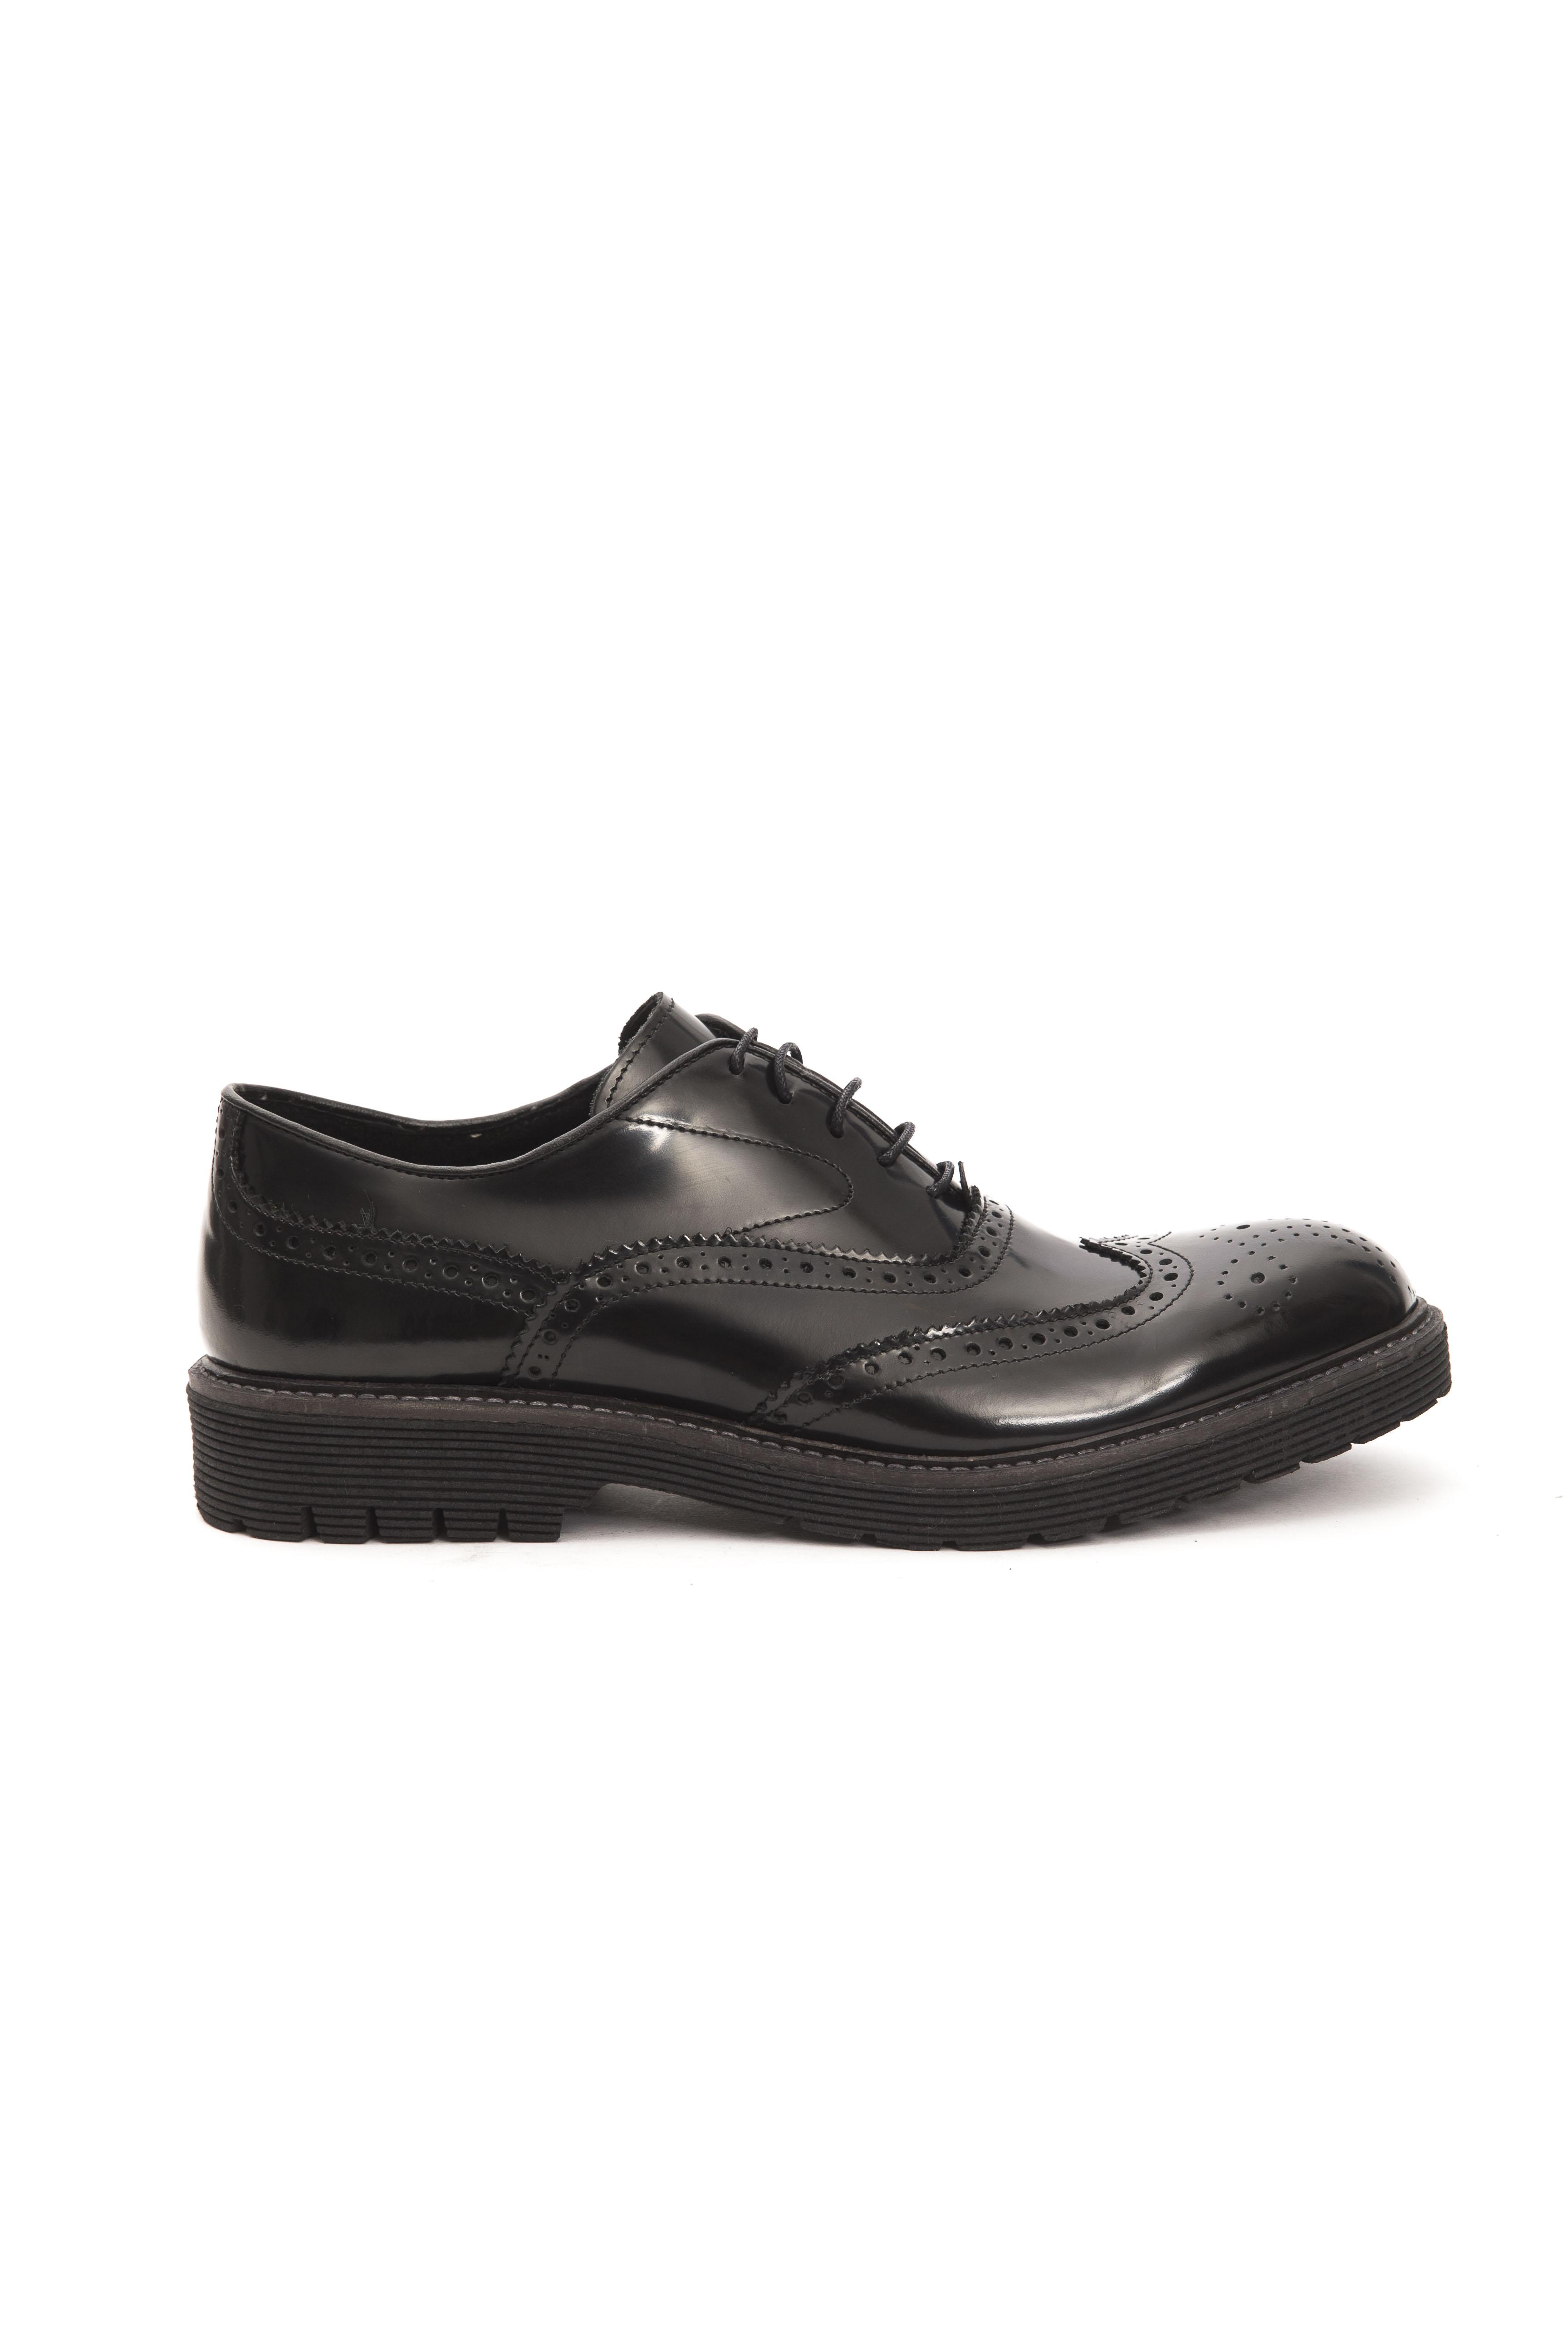 Collection Positano Chaussures Trussardi Noir n0PX8wOk